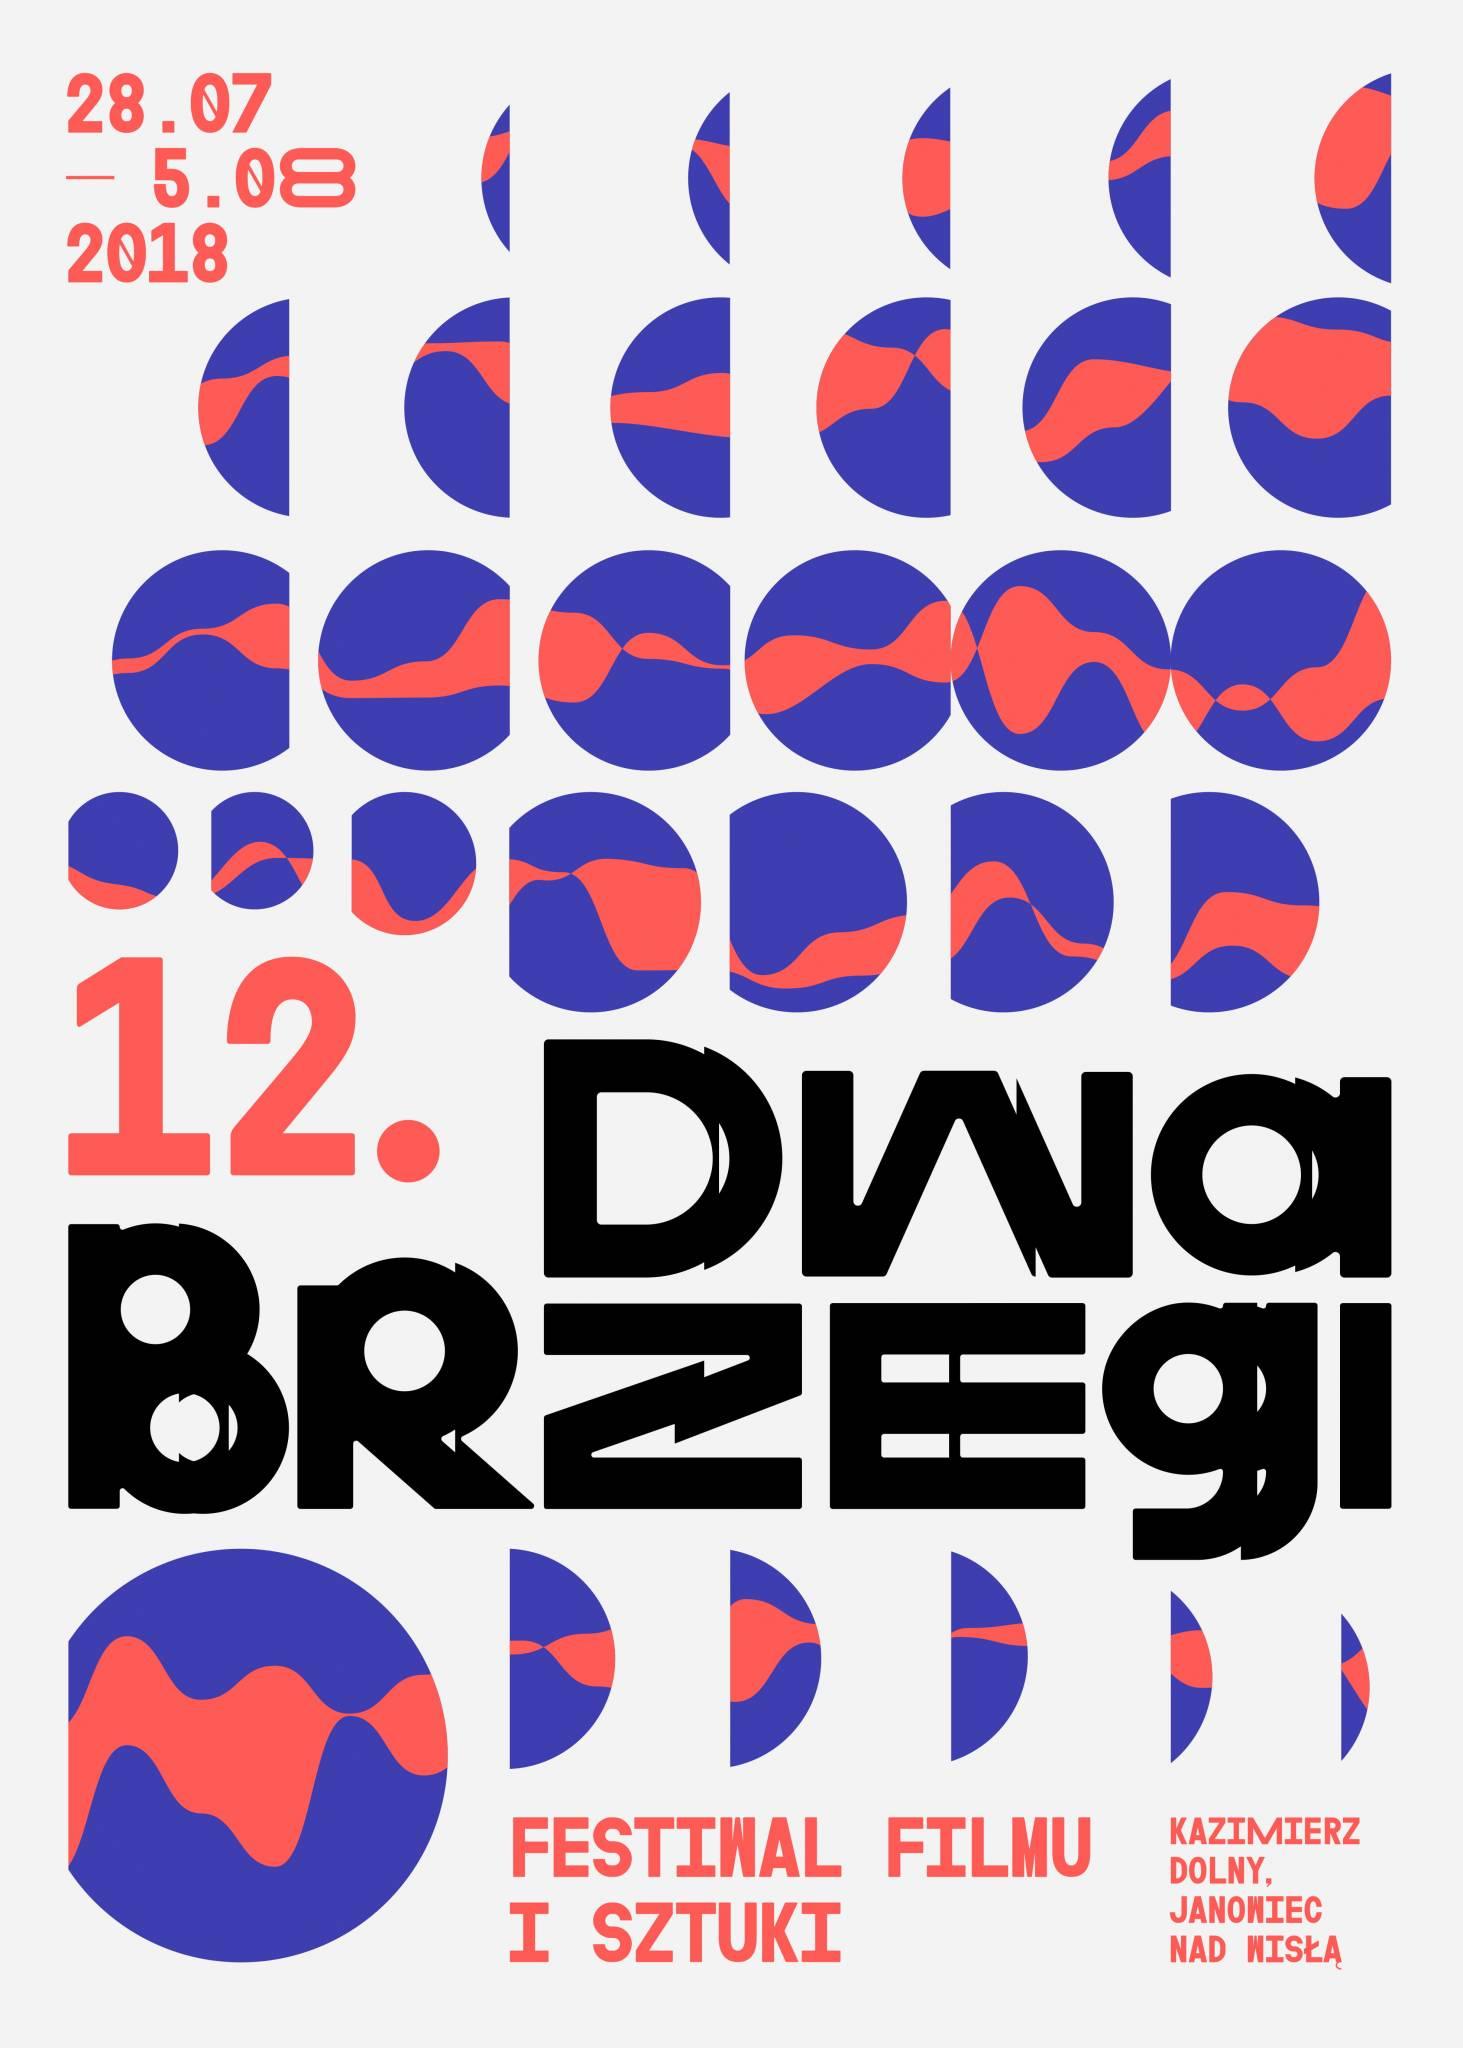 Zapraszamy na Festiwal Filmu & Sztuki Dwa Brzegi 2018!